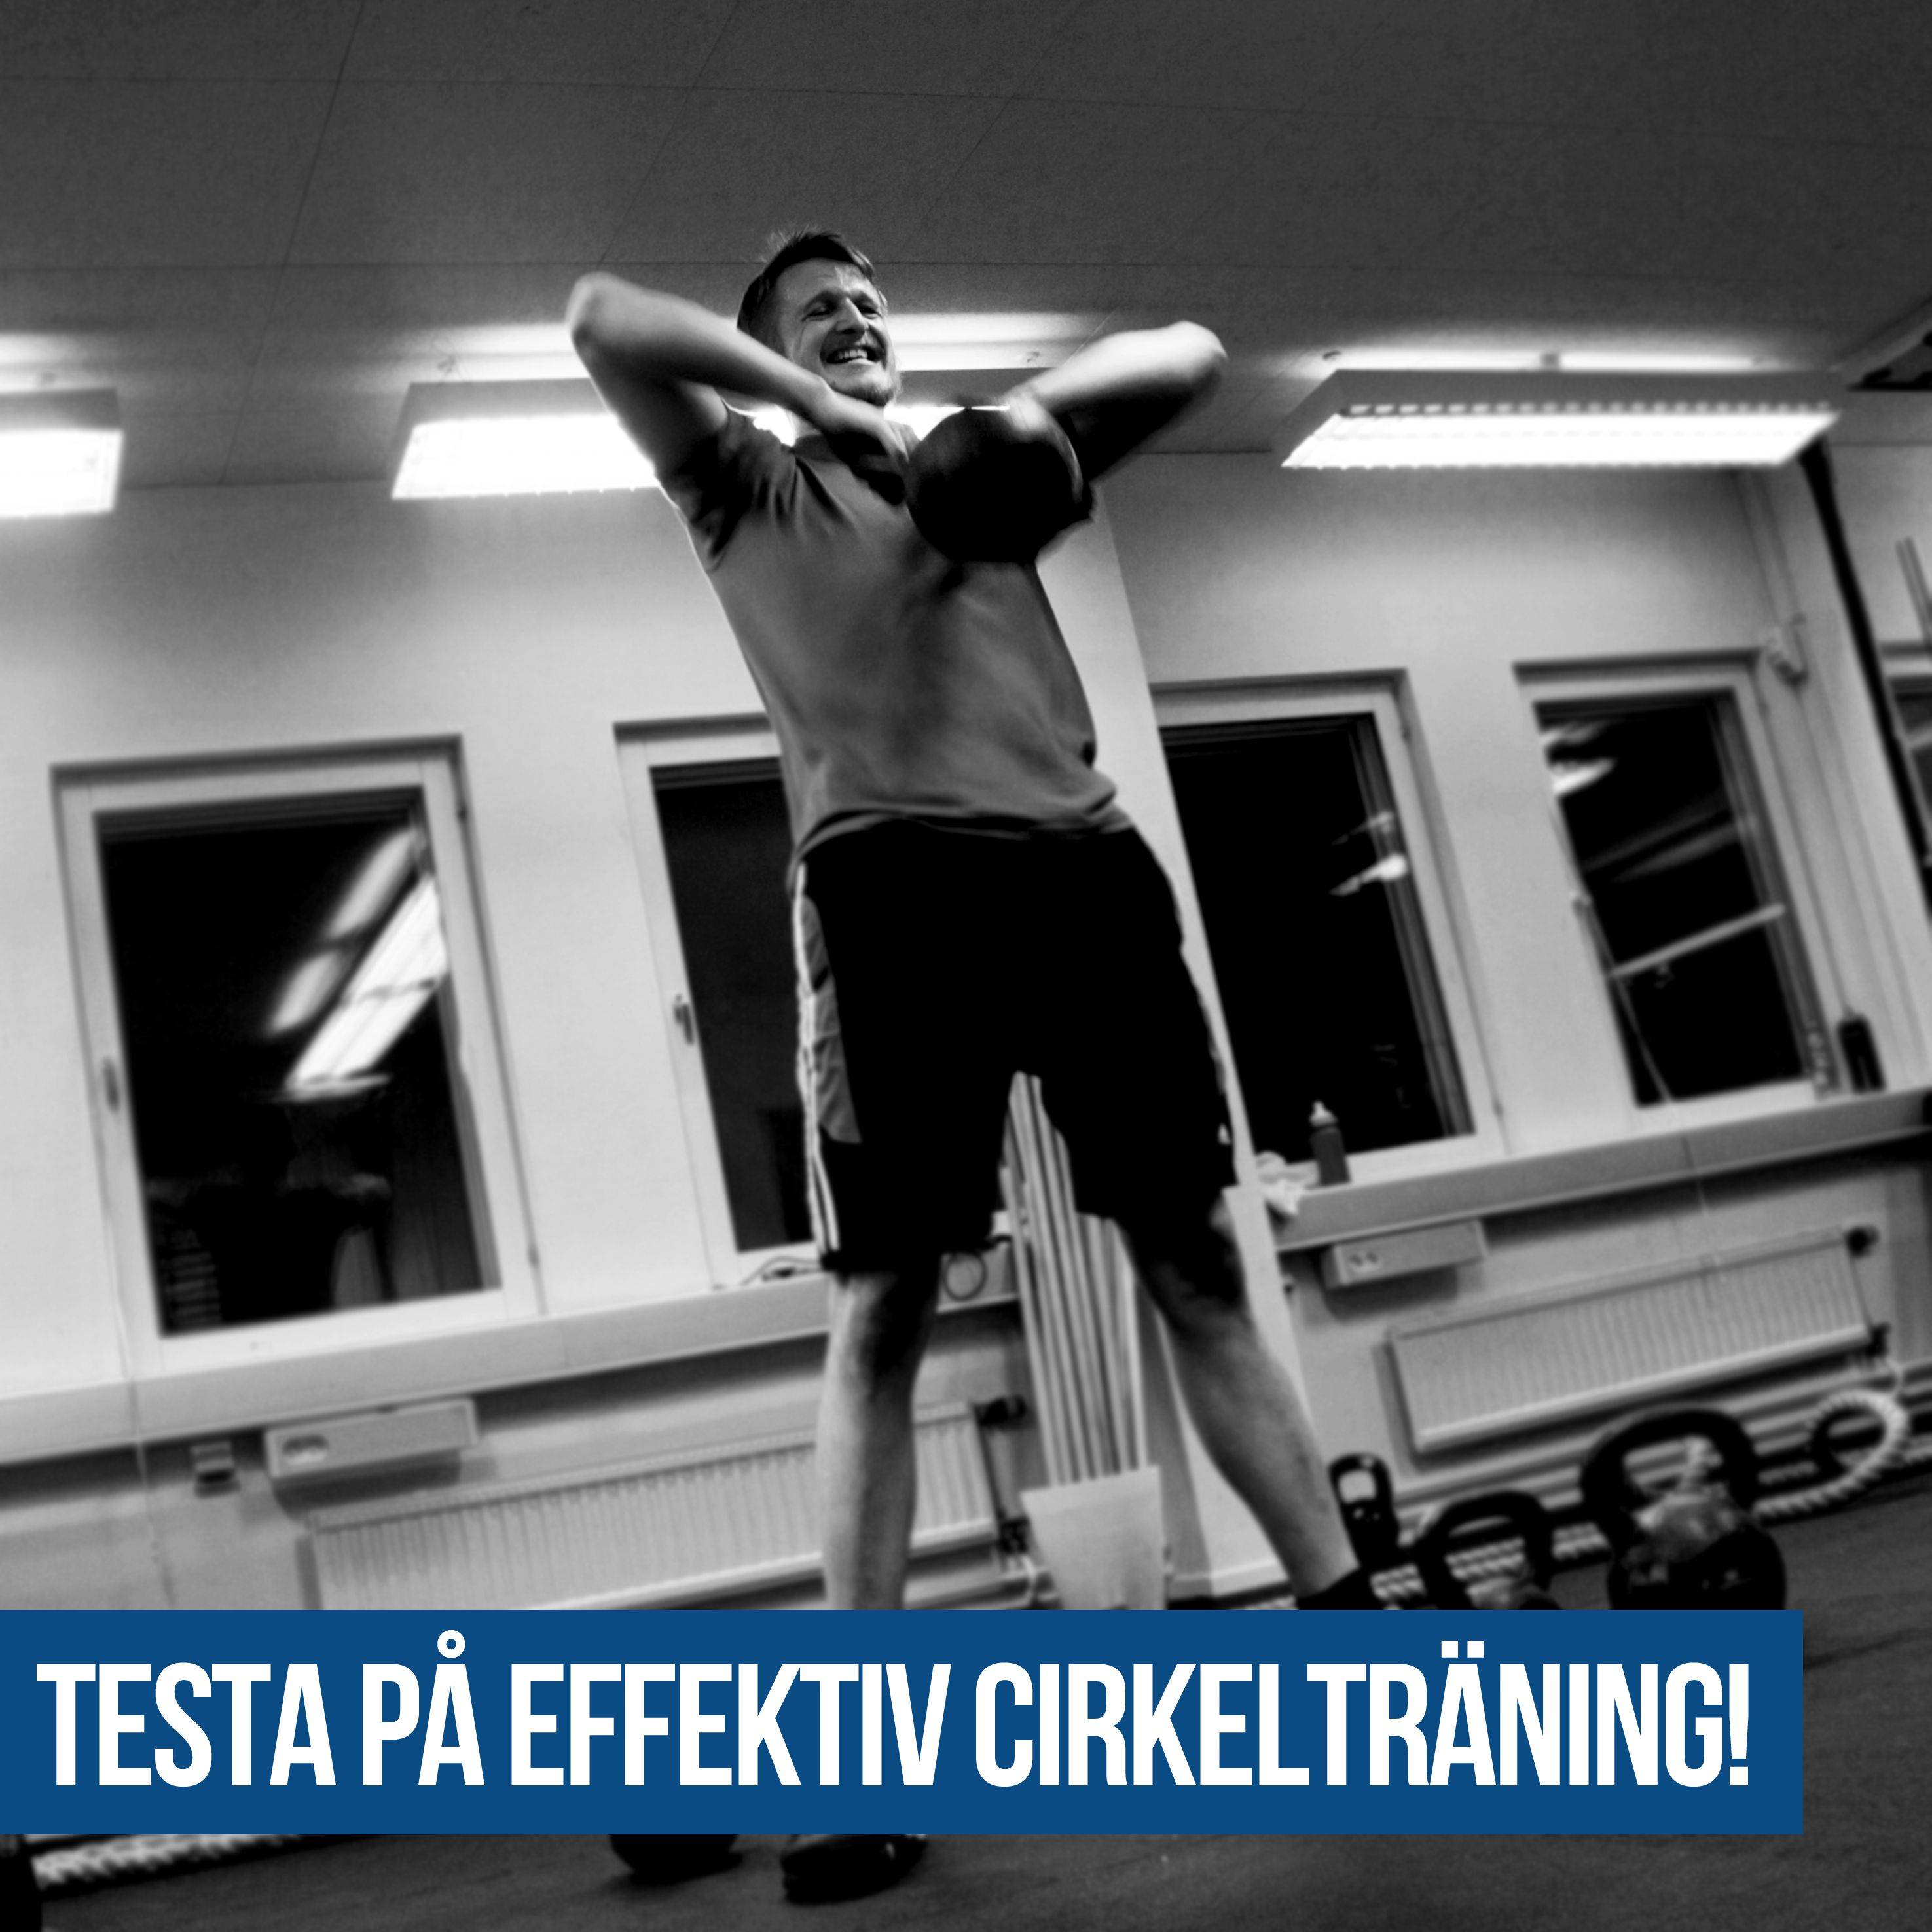 fyspass cirkelträning fredagsfys söndagsfys Personlig träning pt västerås personlig tränare västmanland styrketräning gym komma i form komma igång friskvård